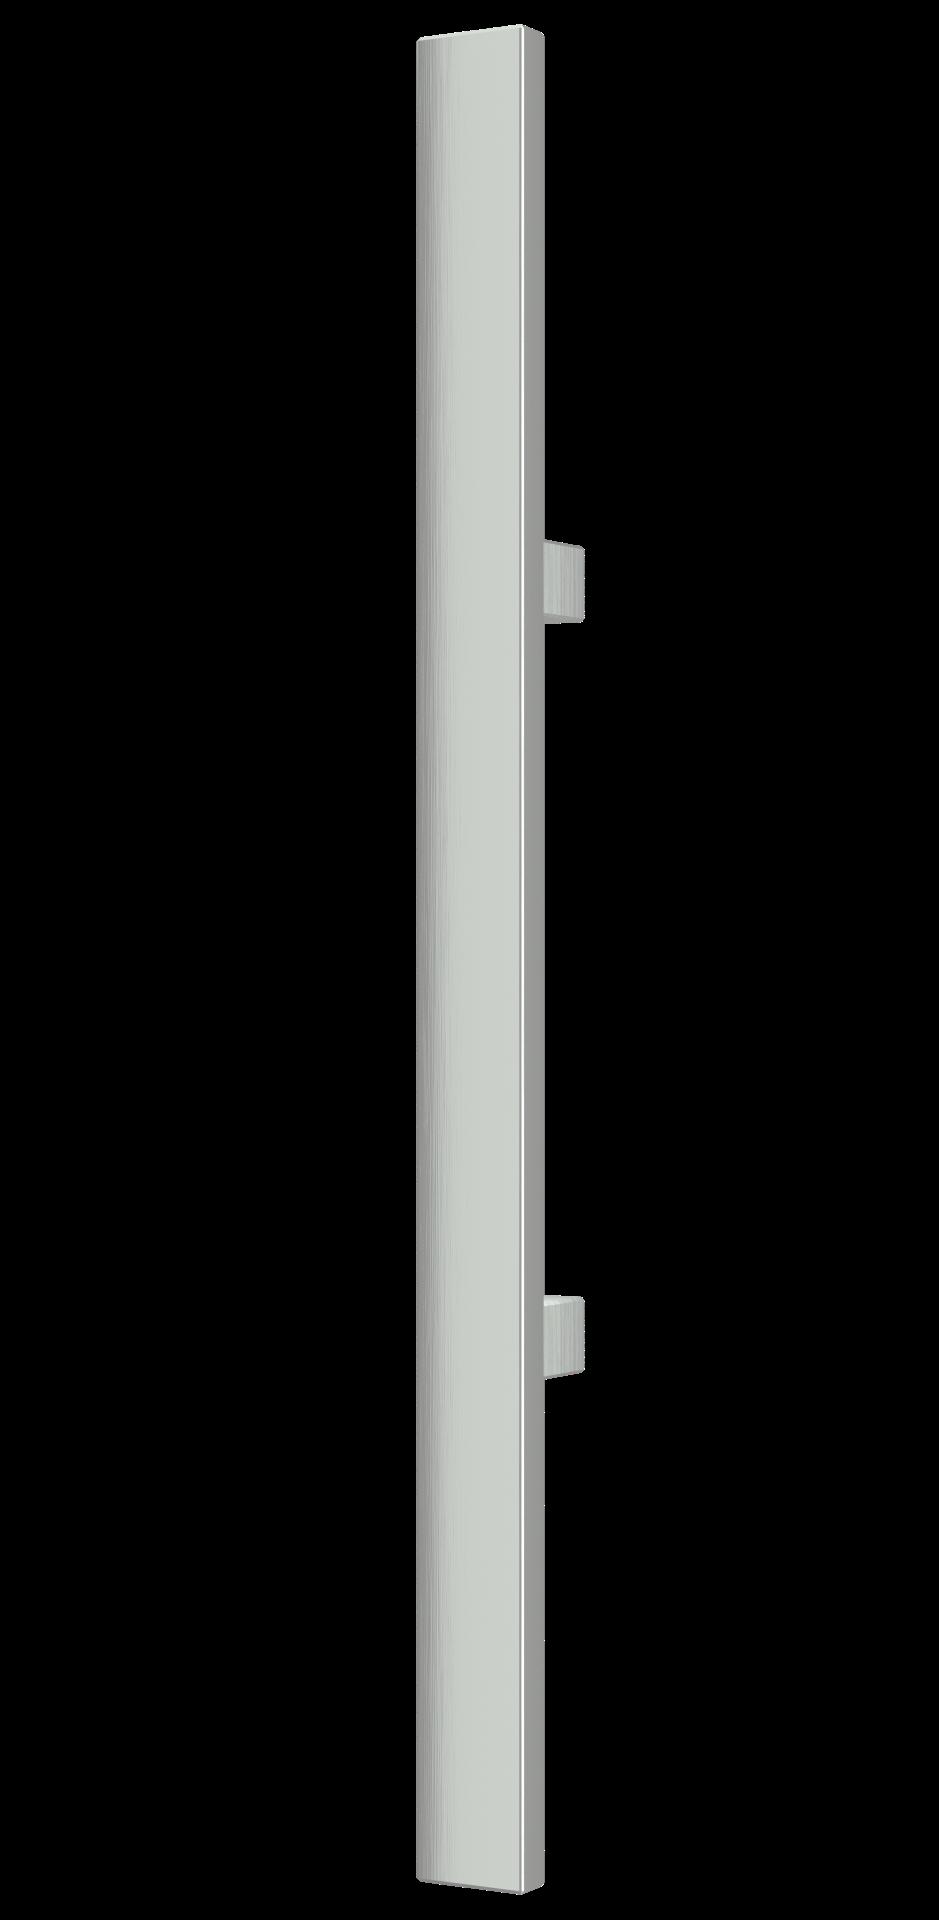 Griffingov ročaj GPR-KN iz linije Prime Line-inox ročaji za vhodna vrata